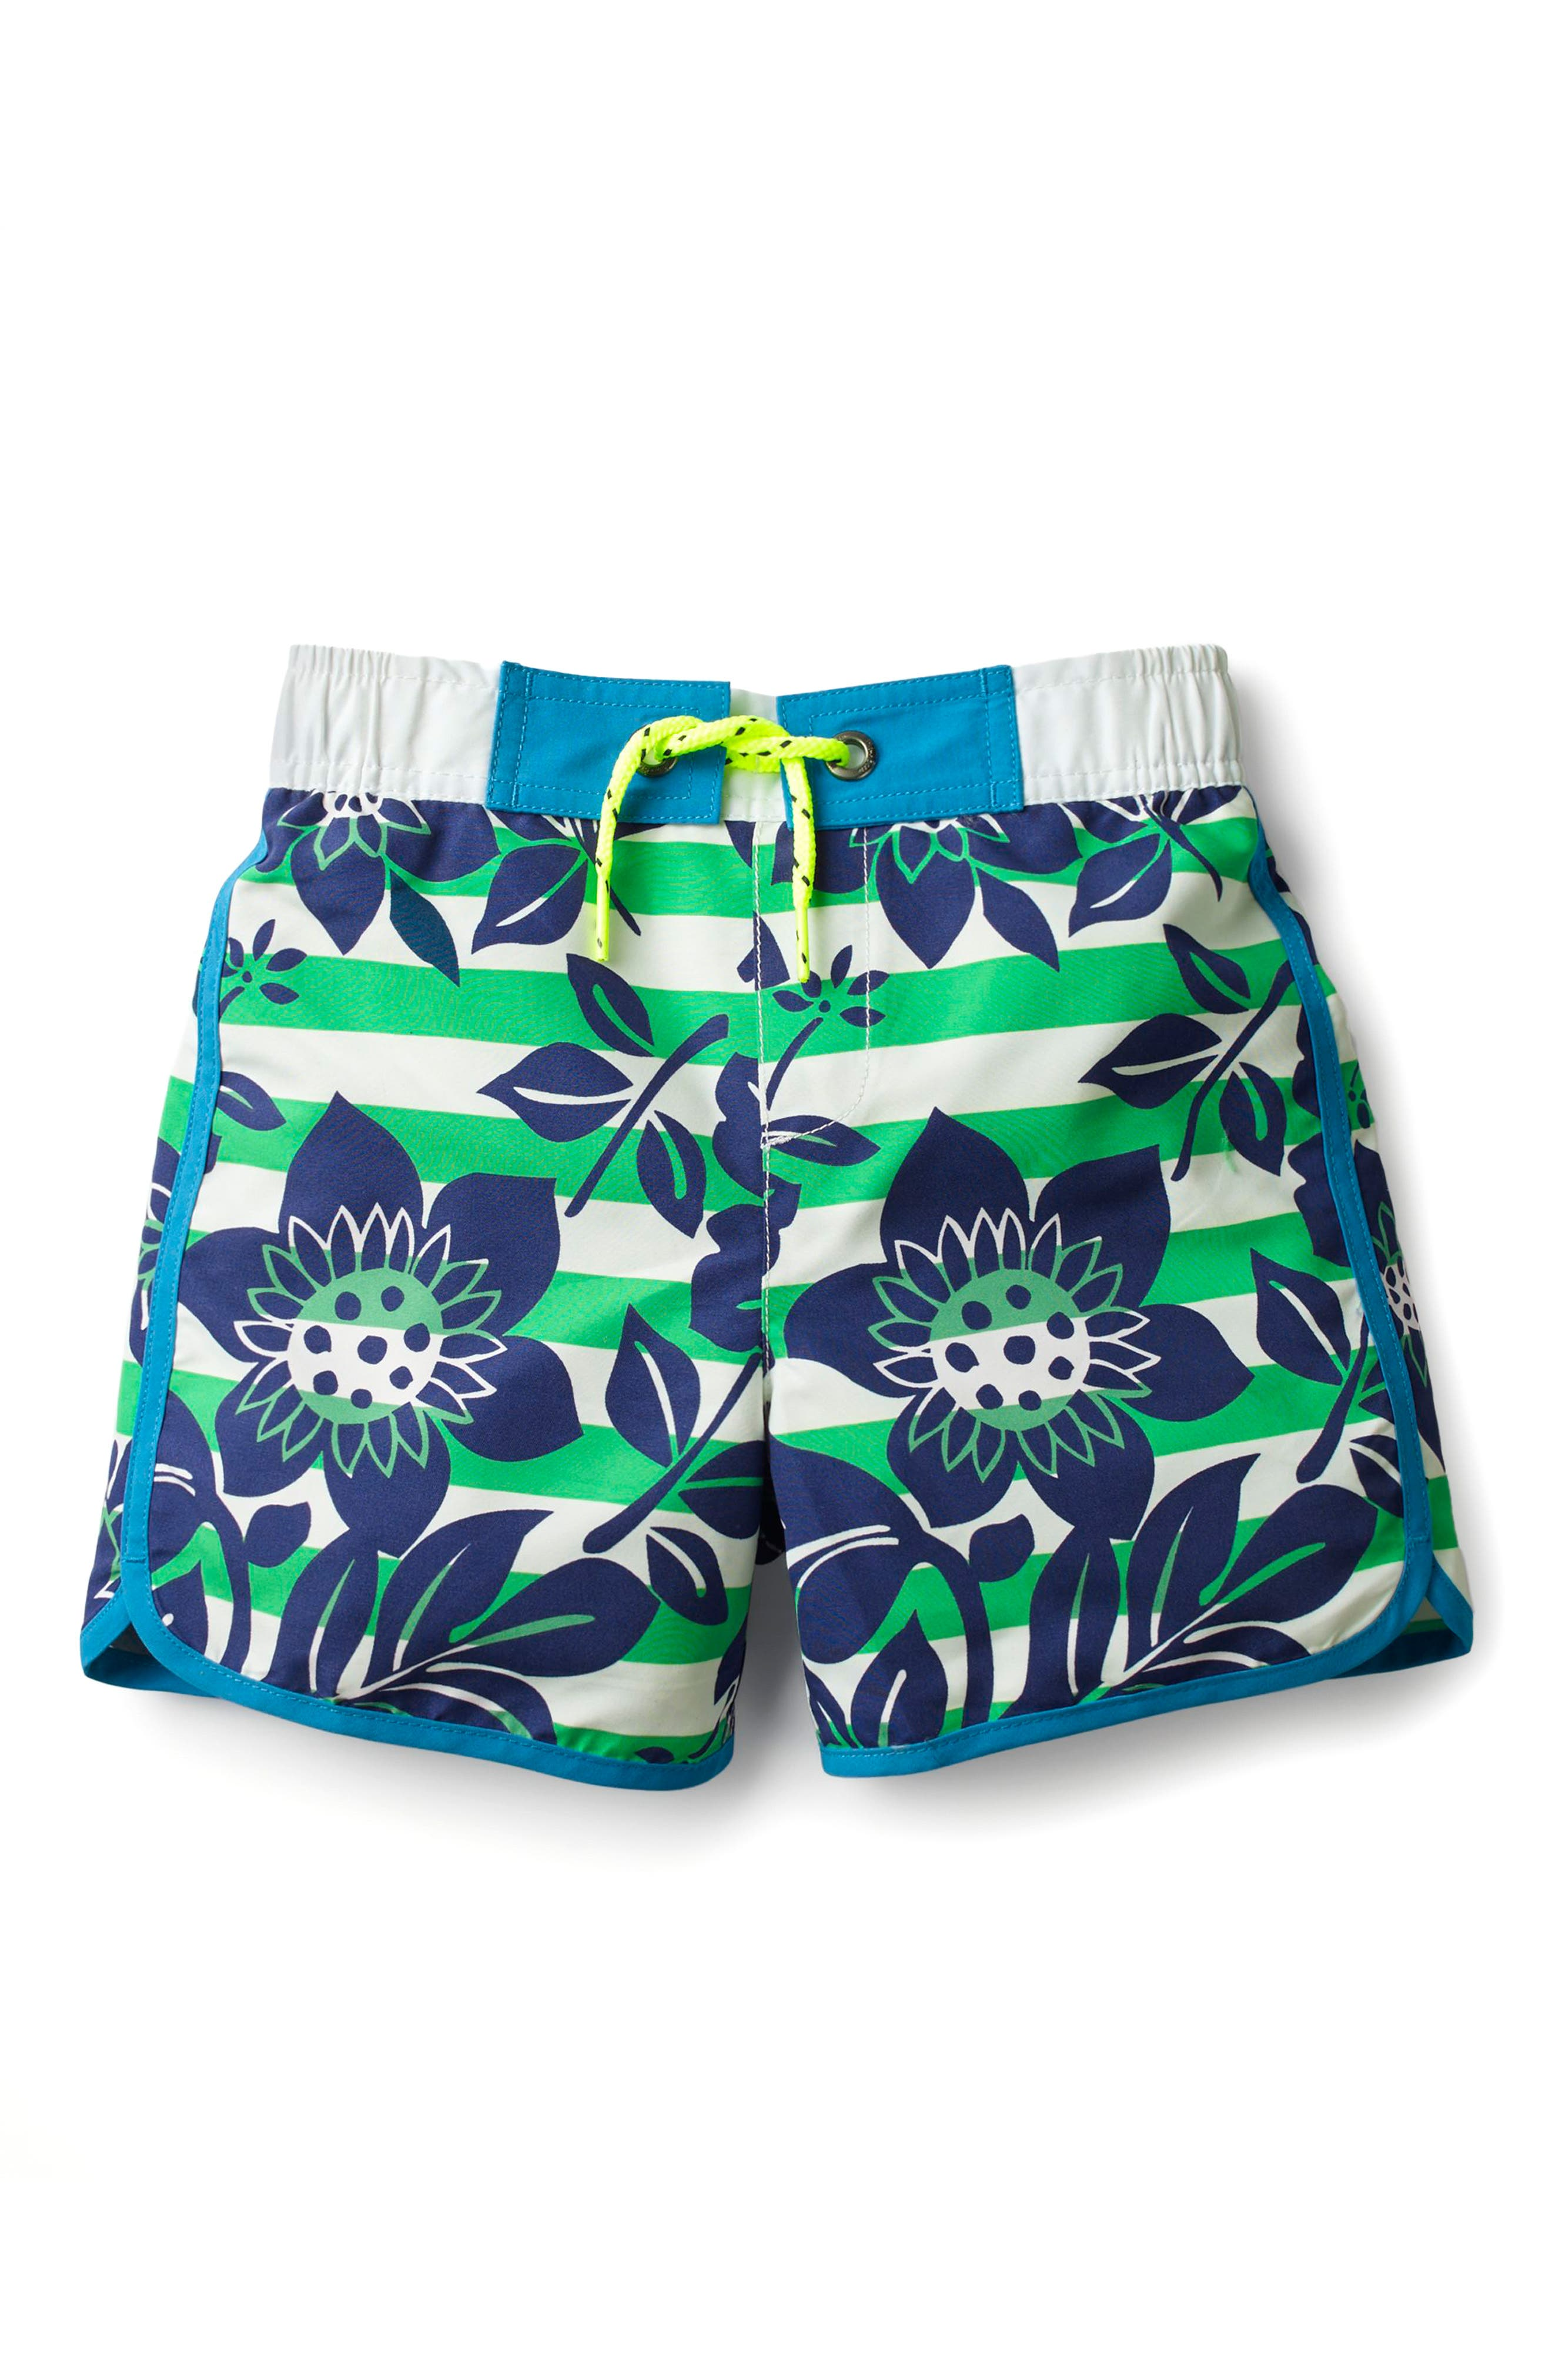 Hawaiian Print Board Shorts,                         Main,                         color, Astro Green/ Ecru Hawaiian